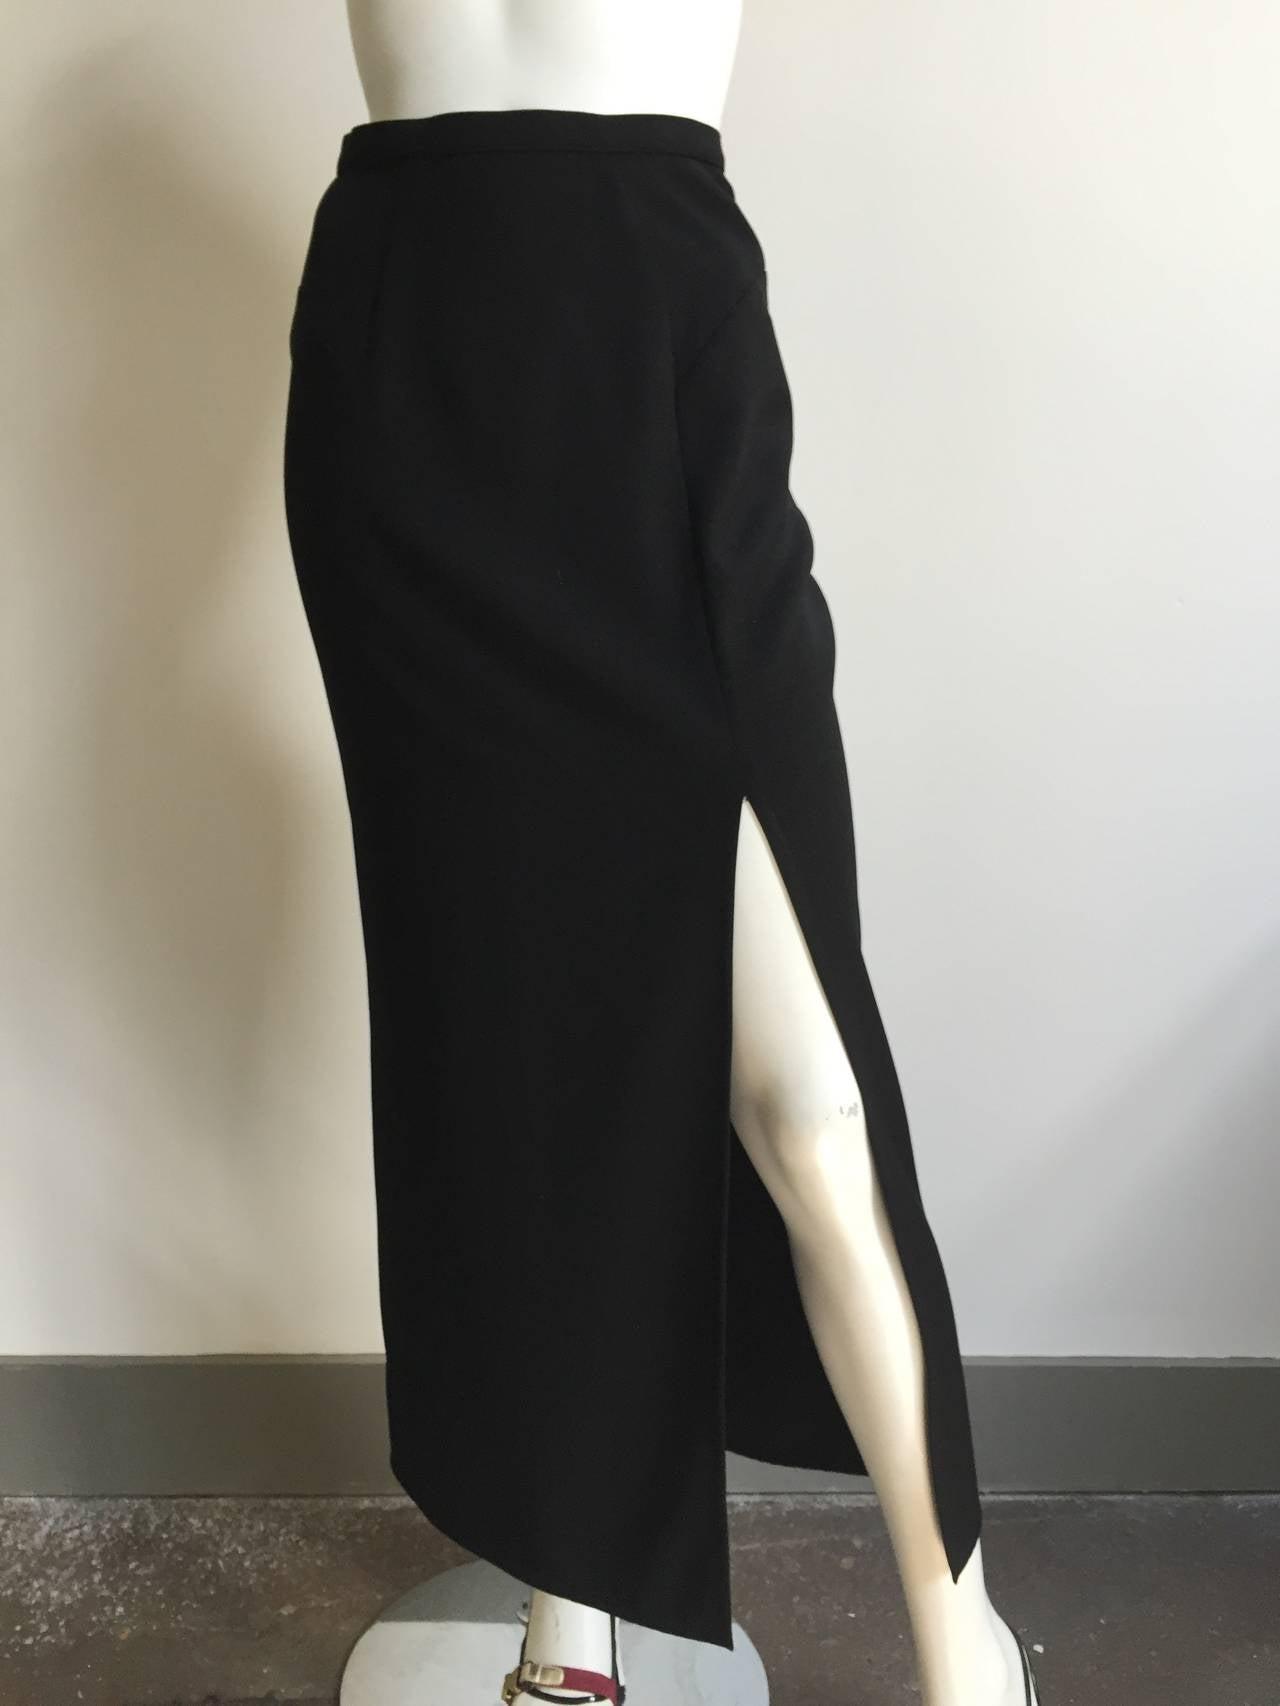 Mugler 90s Black Evening Skirt Size 4. 6